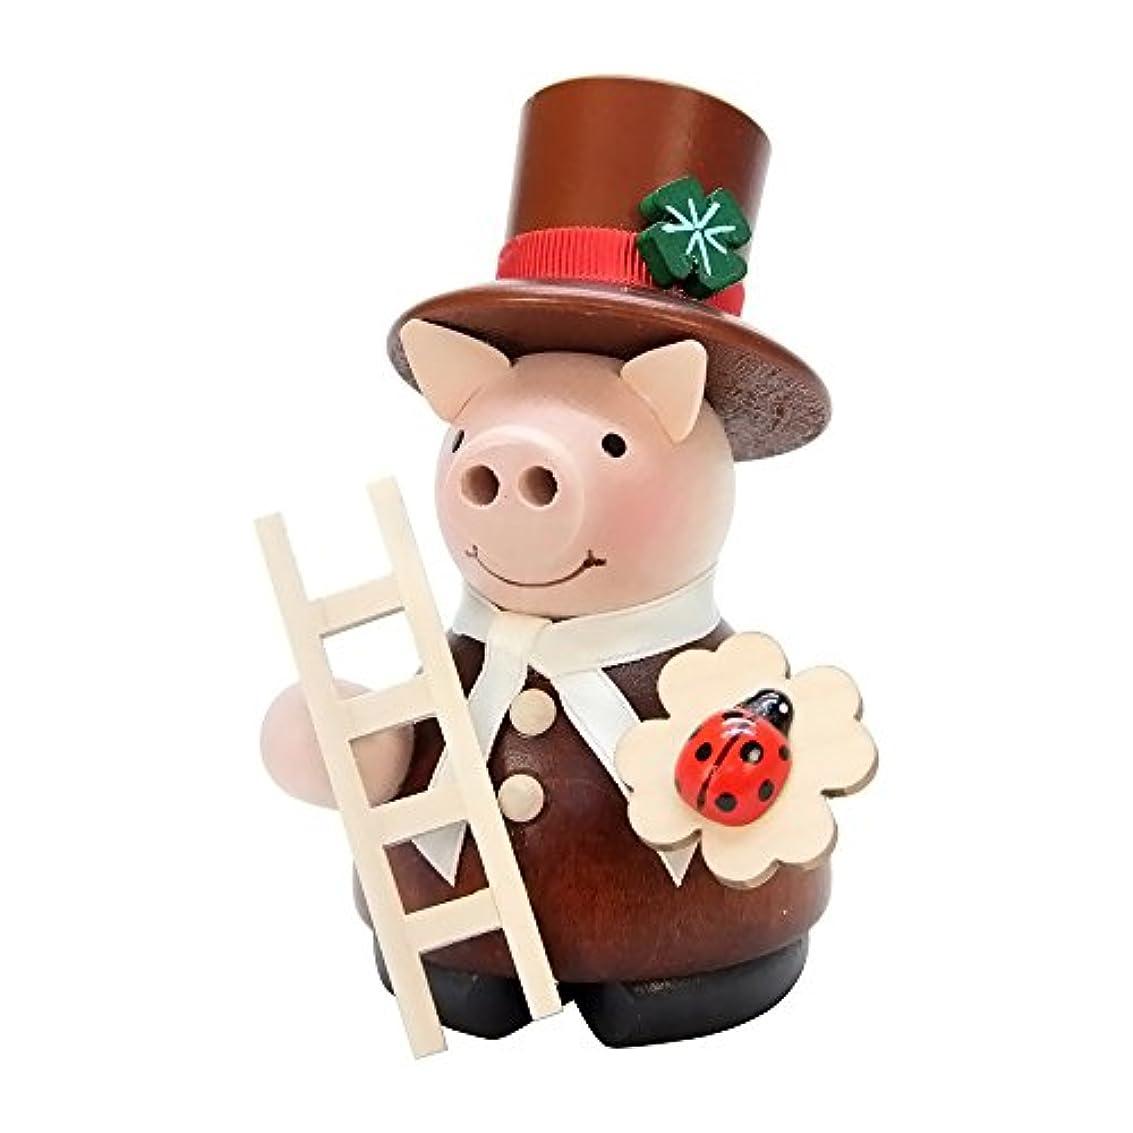 規制する余計なボウリング(One size, Multi) - Christian Ulbricht Incense Burner - Lucky Pig Chimney Sweep - 4.5H x 3W x 3D